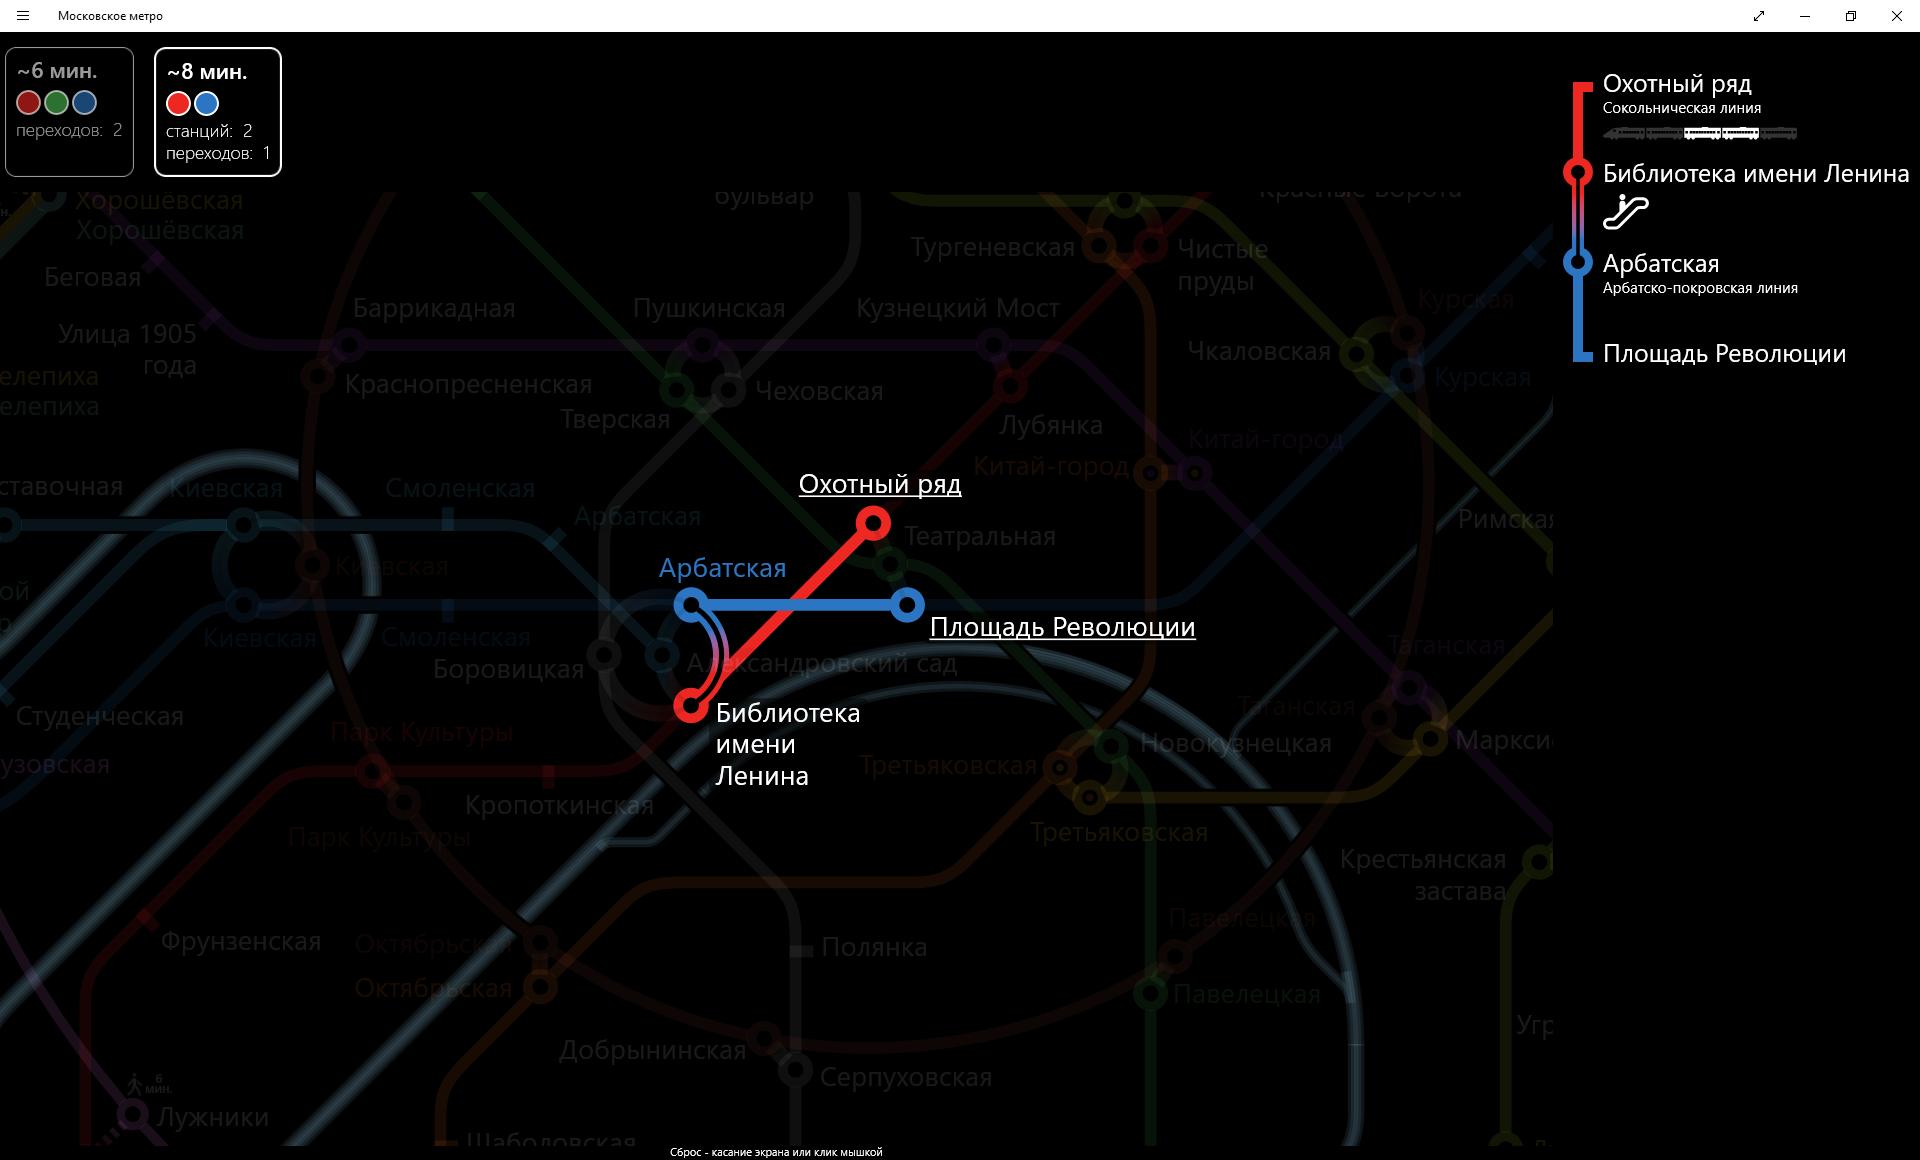 Приложение Московское метро для Windows Store - 9